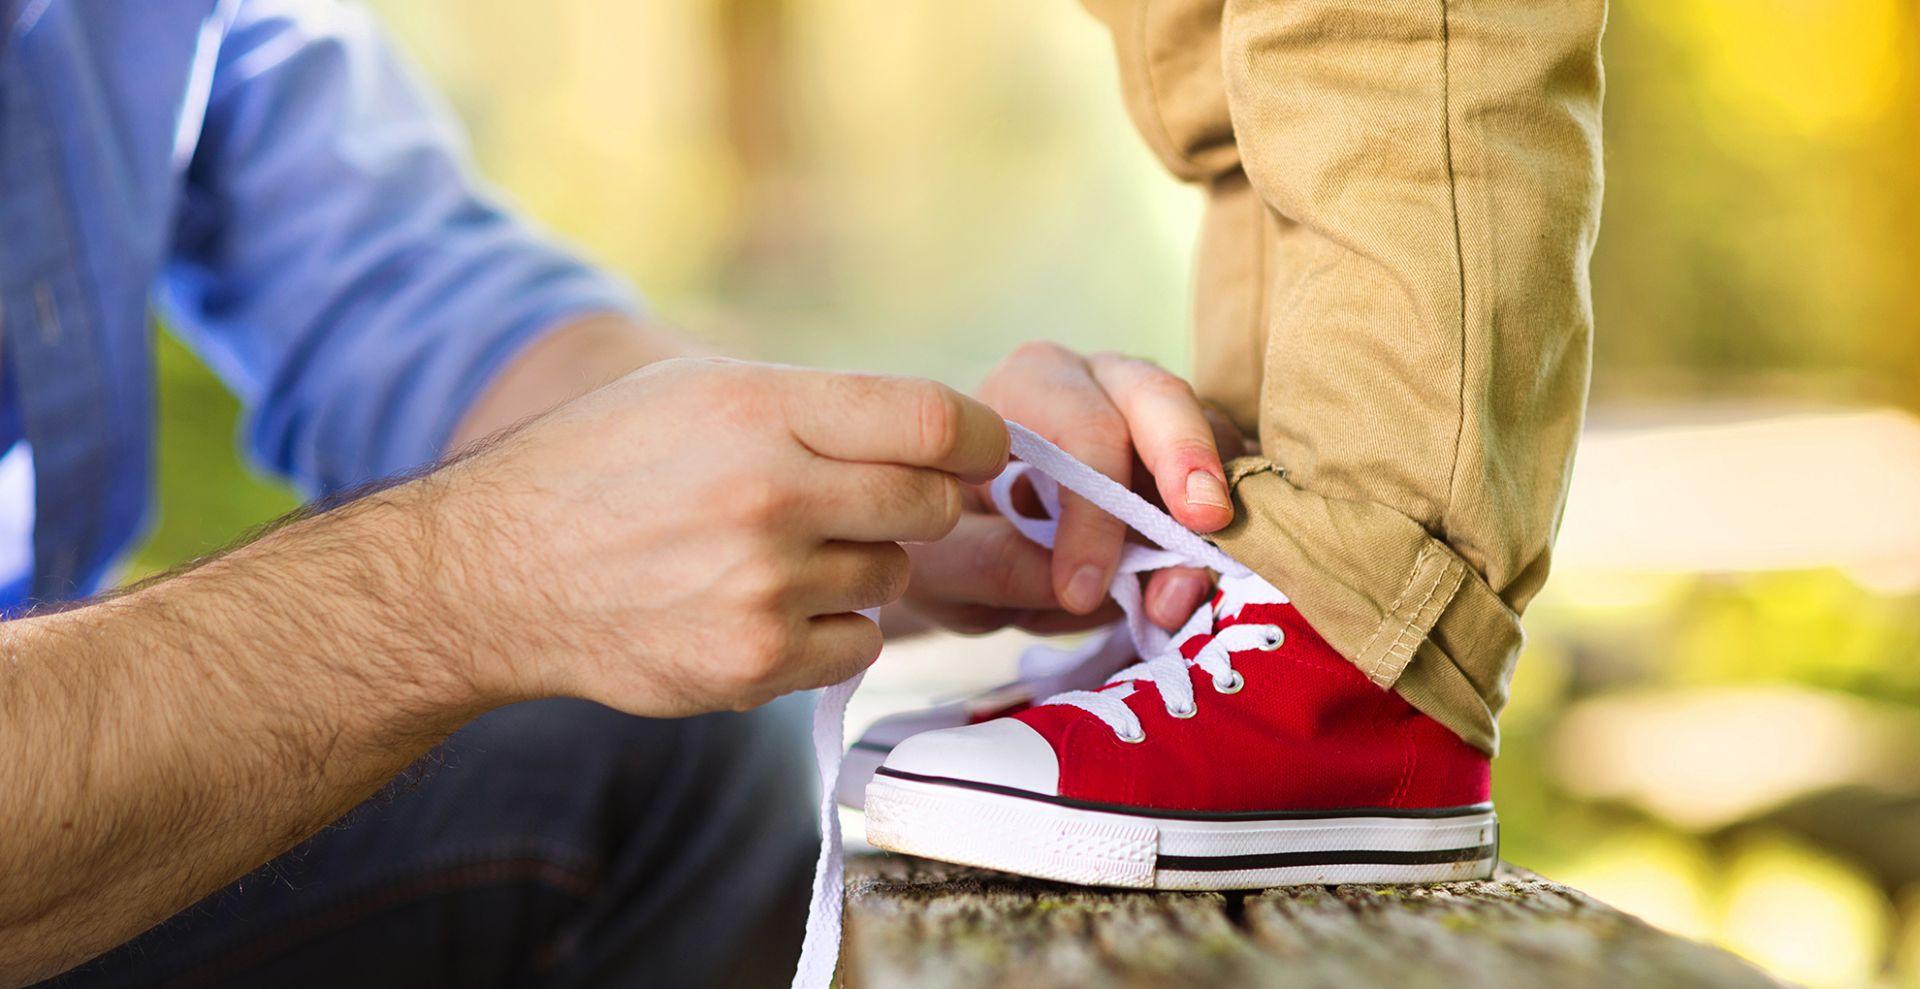 isä sitoo lapsen kengännauhoja